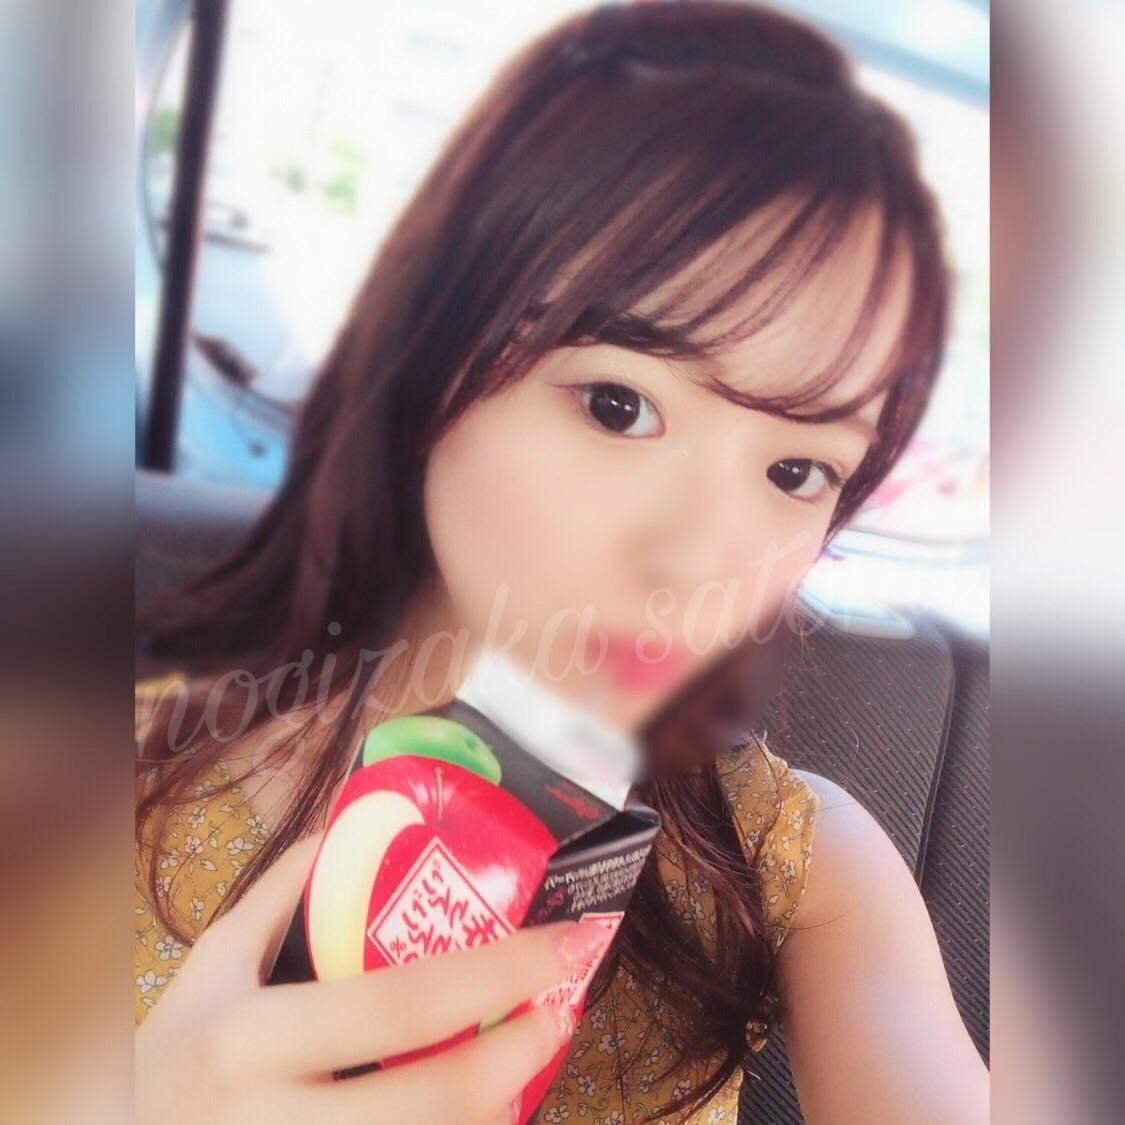 「ちびっ子とりんごジュース」08/17(金) 18:55   乃木坂さとみの写メ・風俗動画